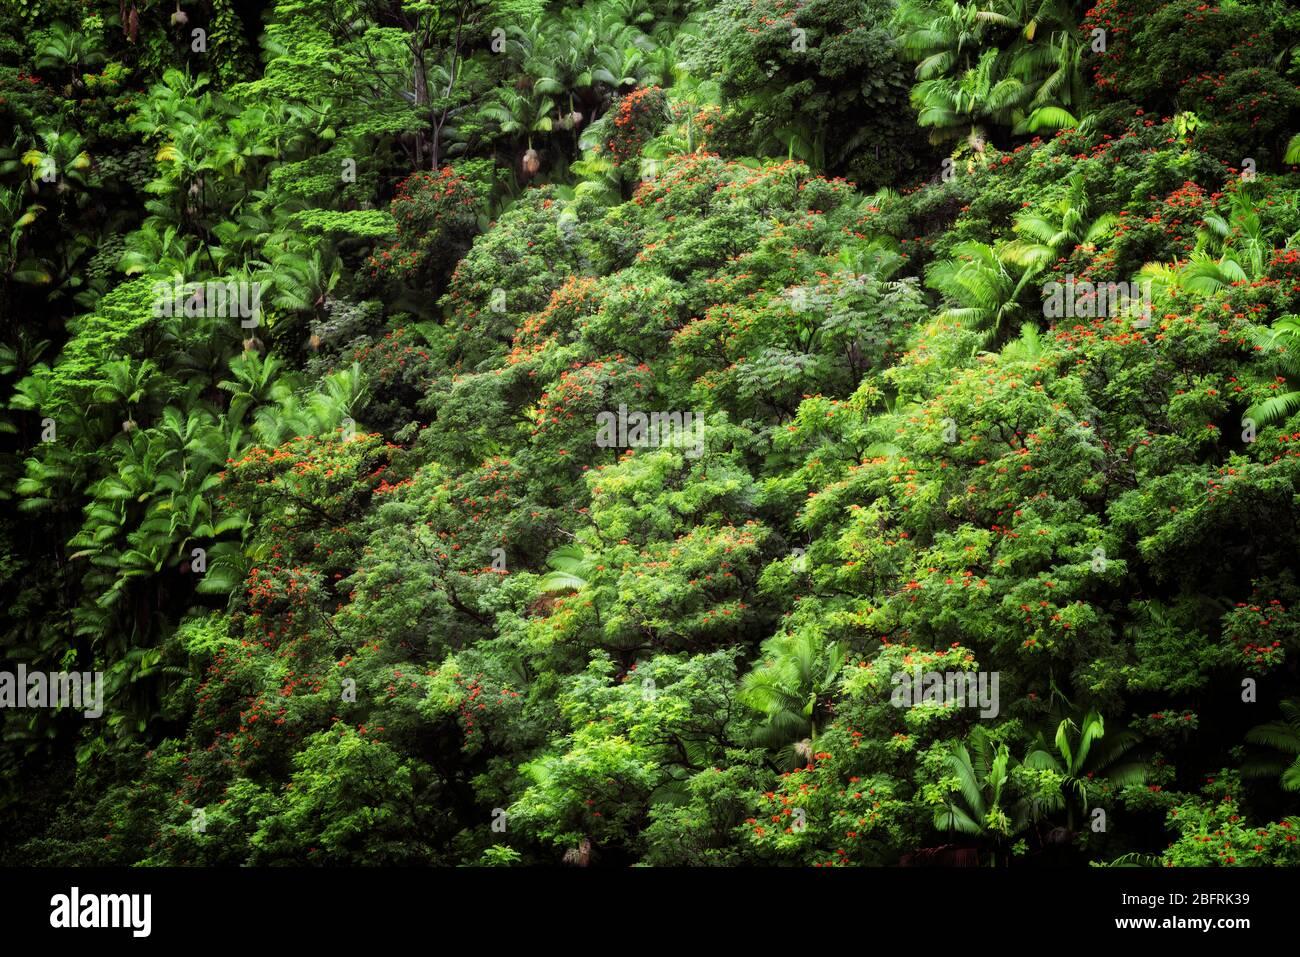 La végétation dense de la forêt tropicale des palmiers et des tulipes africaines fleuries poussent dans les nombreuses gorges le long de la côte Hamakua sur la Grande île de Banque D'Images